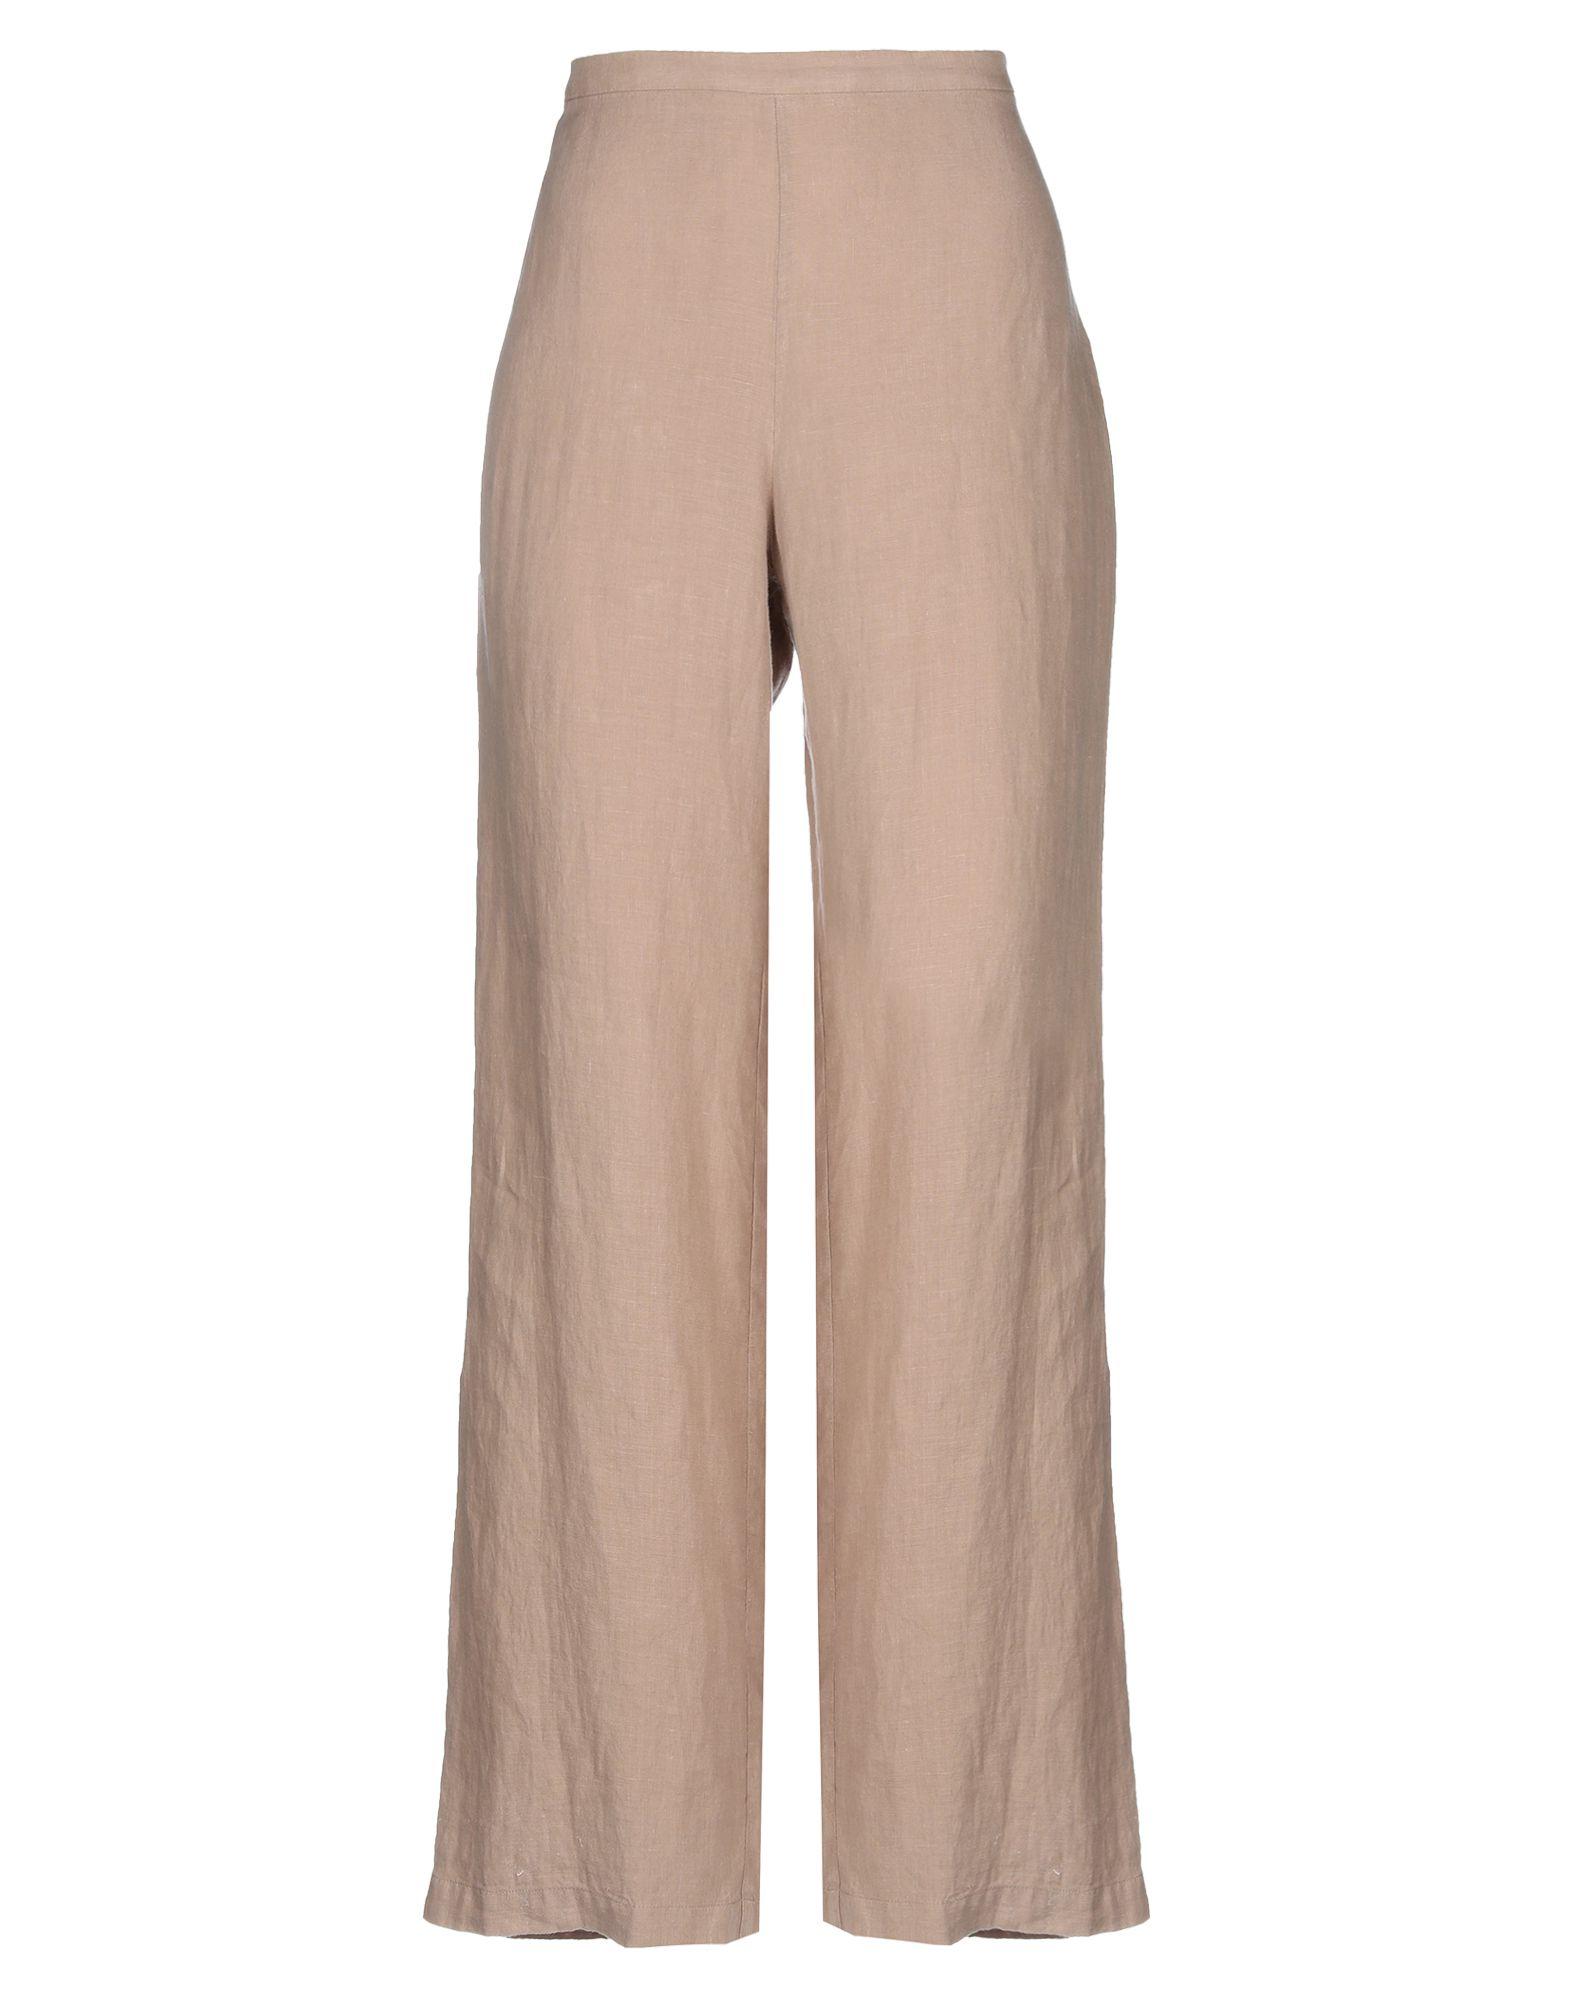 SITA MURT/ Повседневные брюки